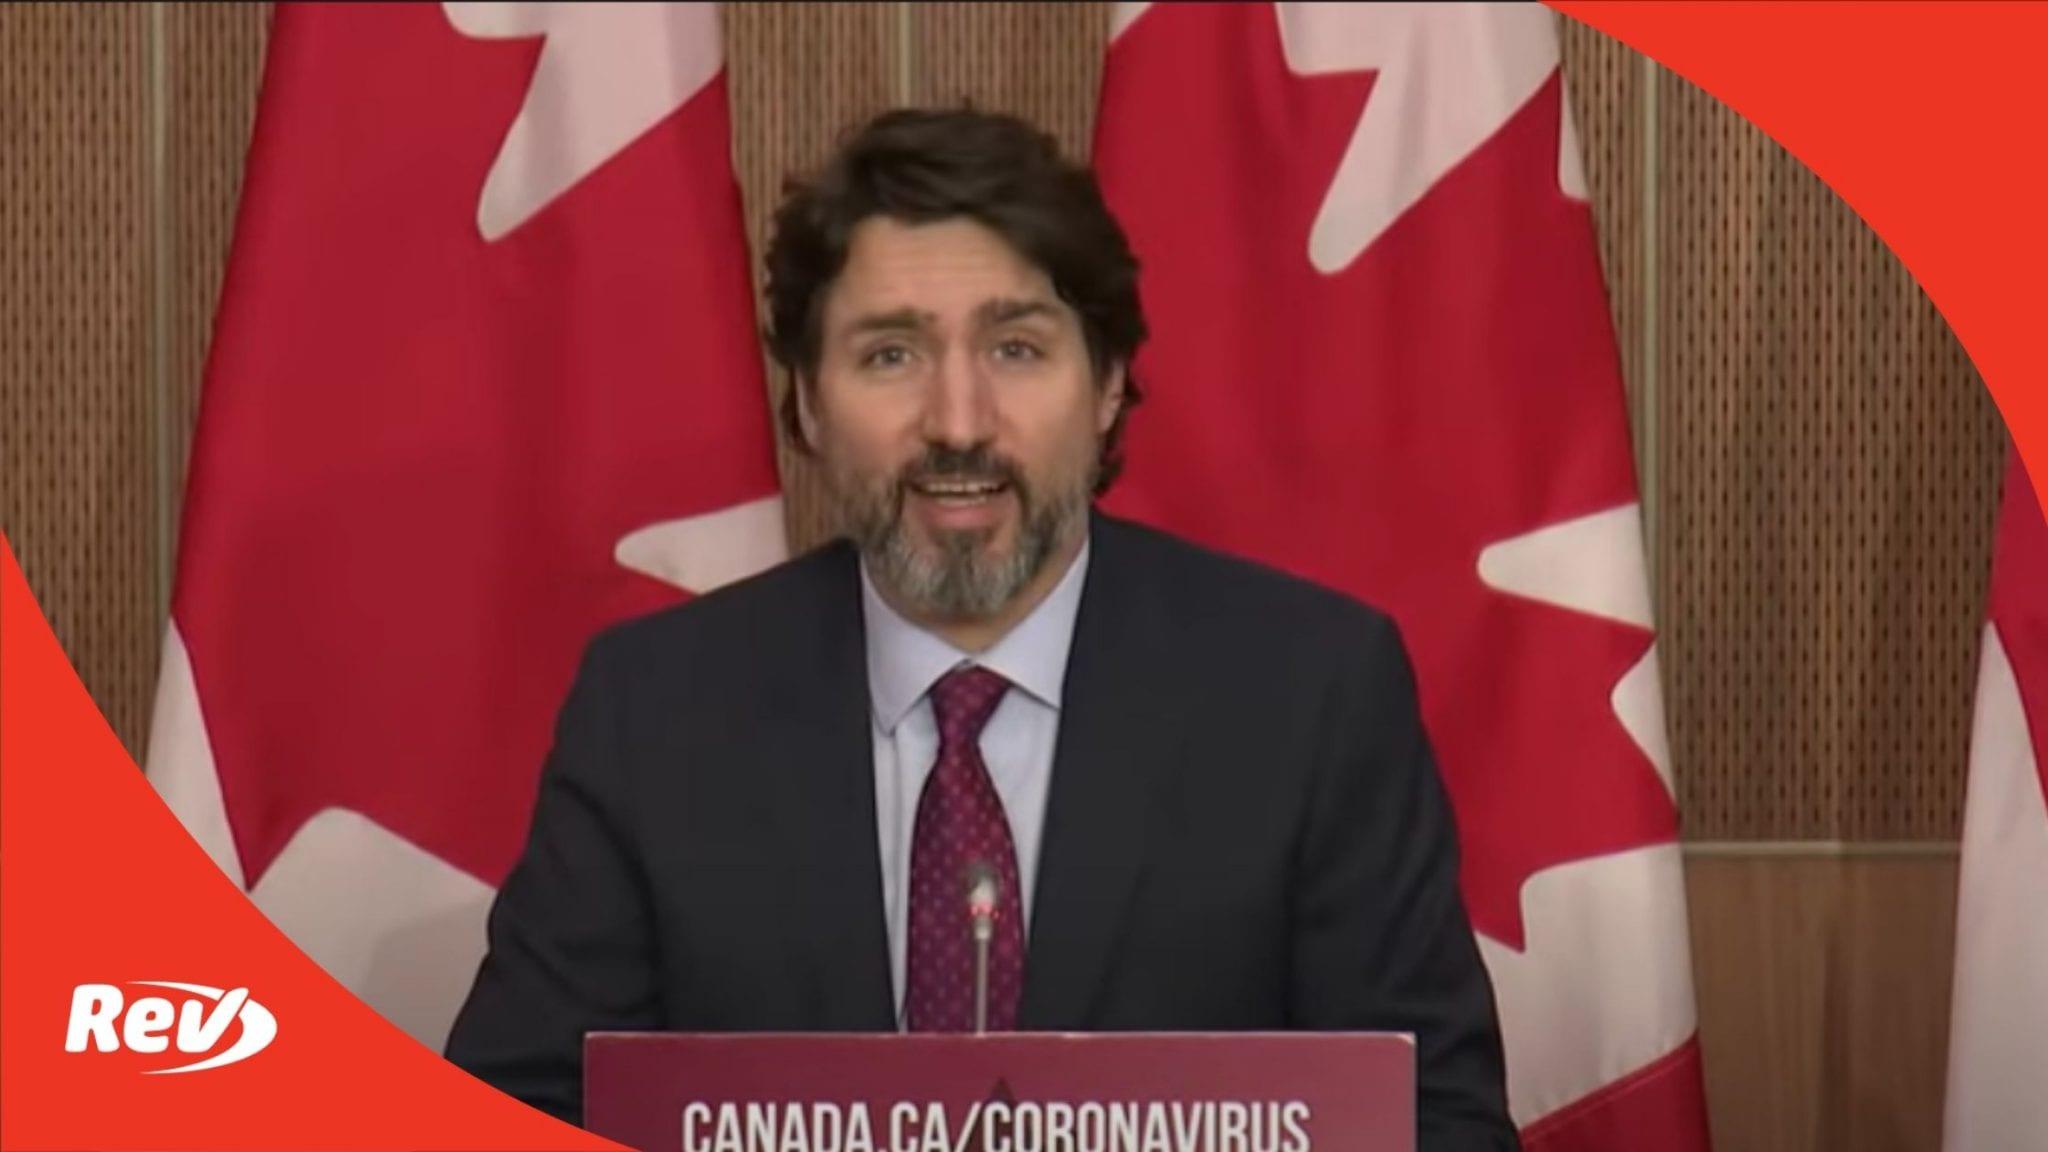 Justin Trudeau December 7 COVID-19 Press Conference Transcript